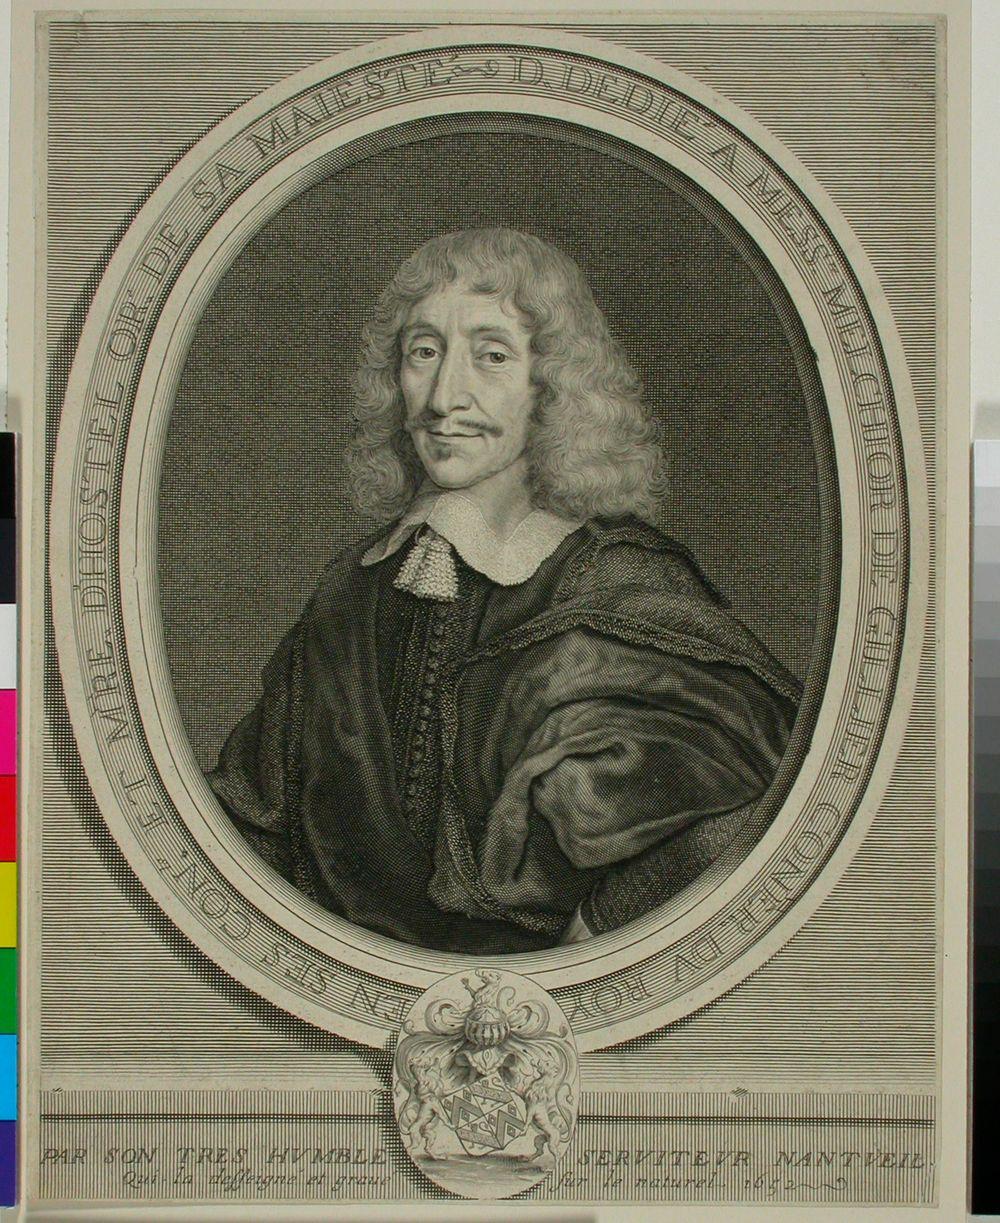 Melchior de Gillier